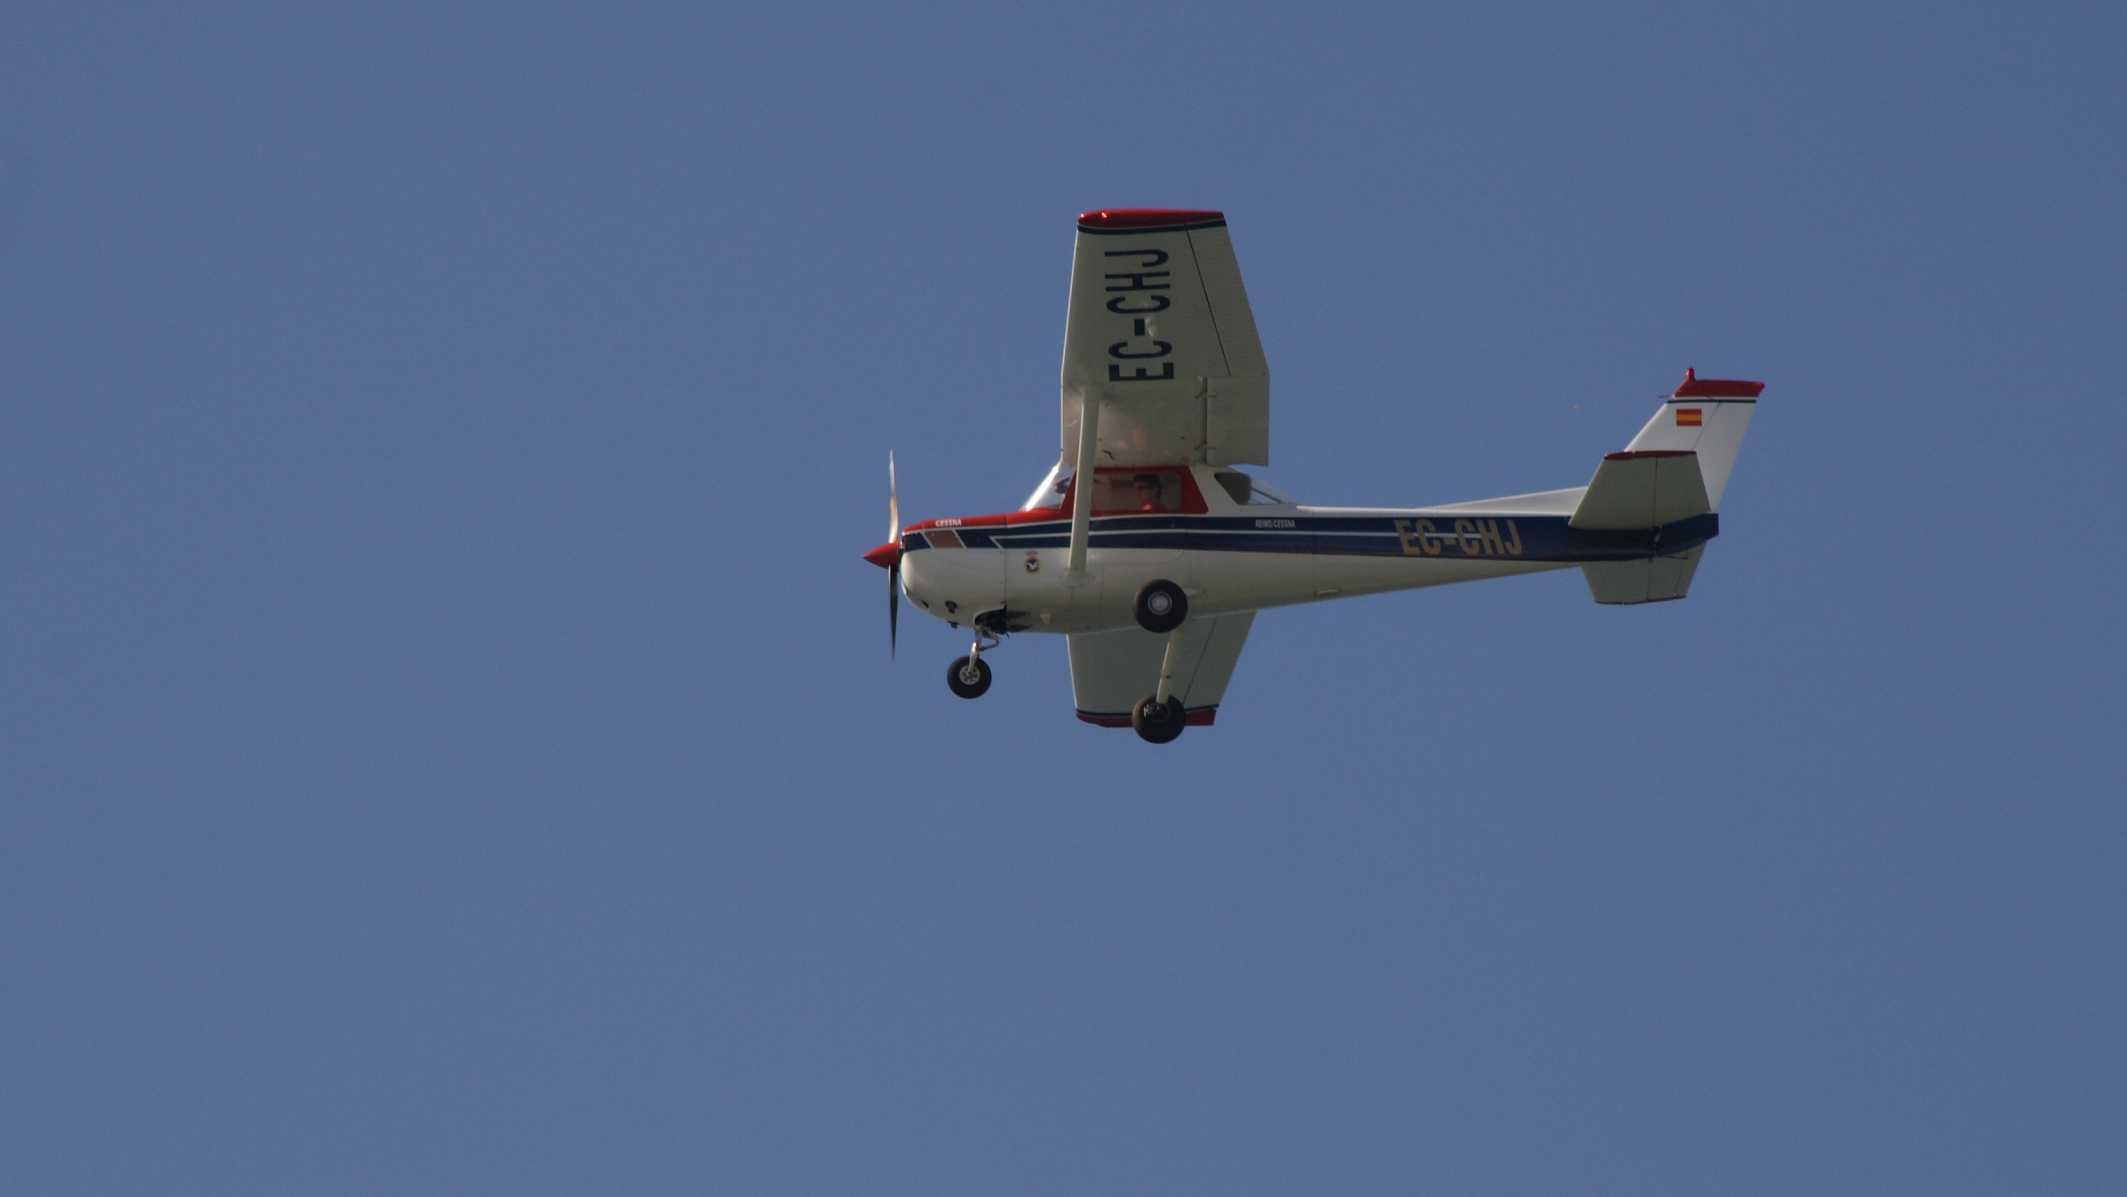 NSA-Skandal: US-Behörde überwacht Handys mit IMSI-Catchern an Flugzeugen